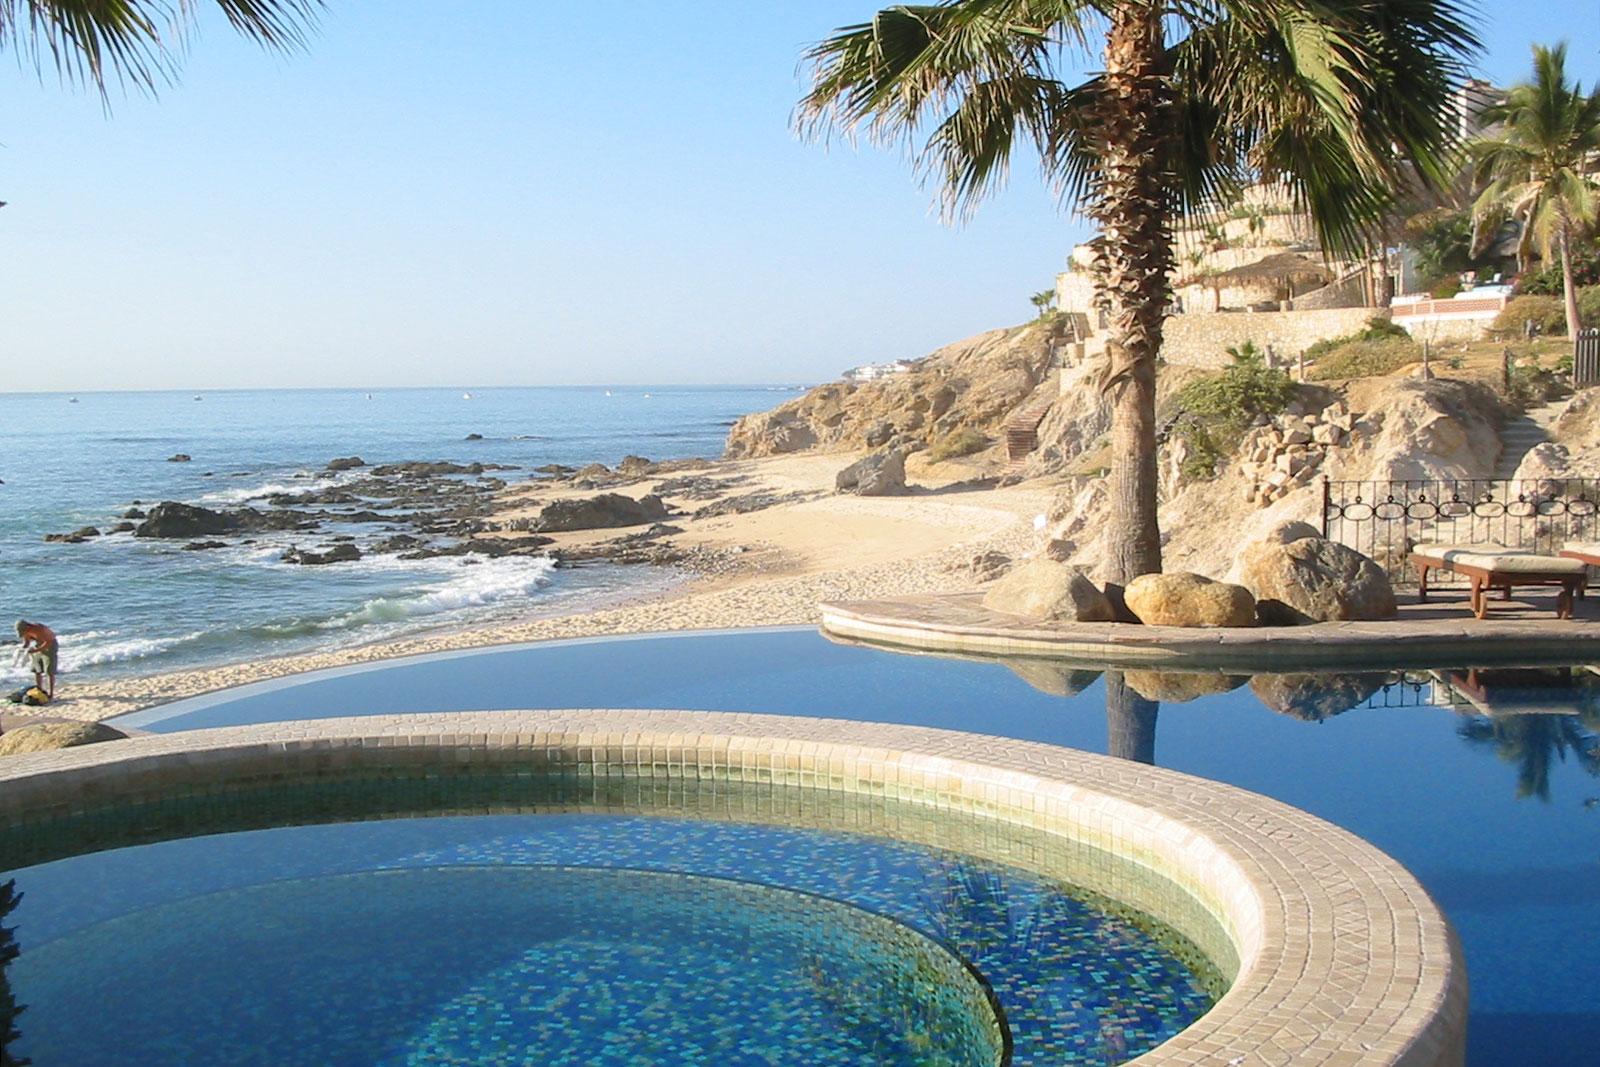 Cabo surf hotel san jose del cabo - San jose del cabo ...